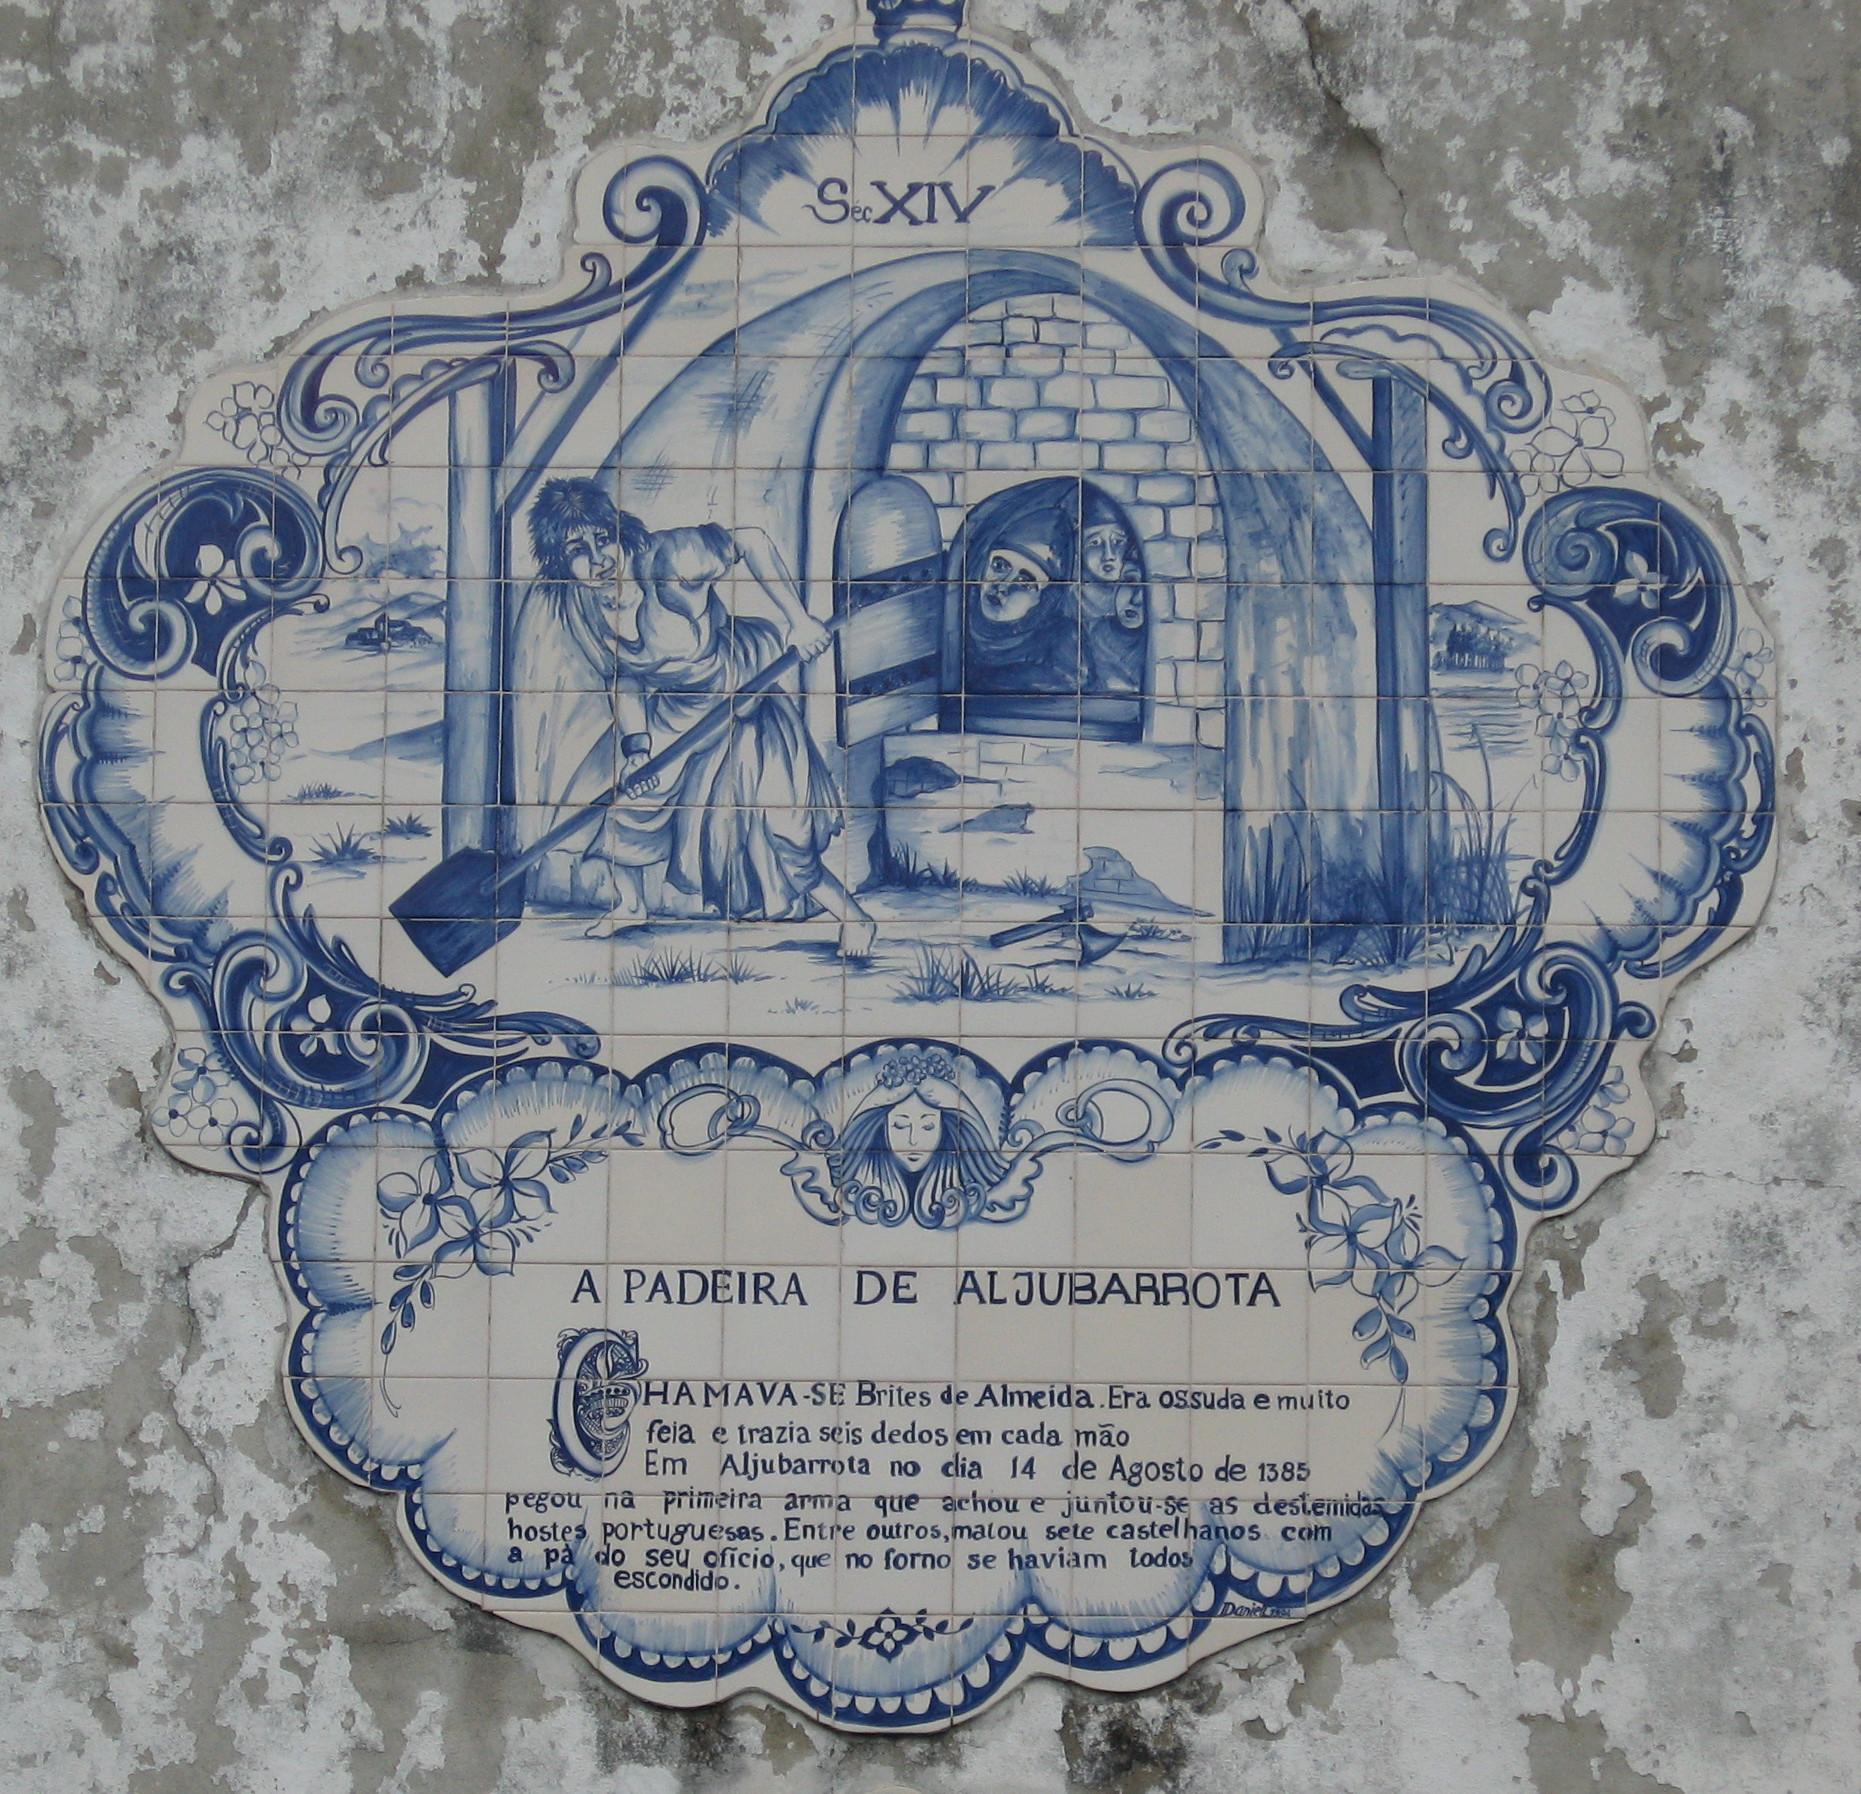 Padeira de aljubarrota wikip dia a enciclop dia livre for Azulejos historia